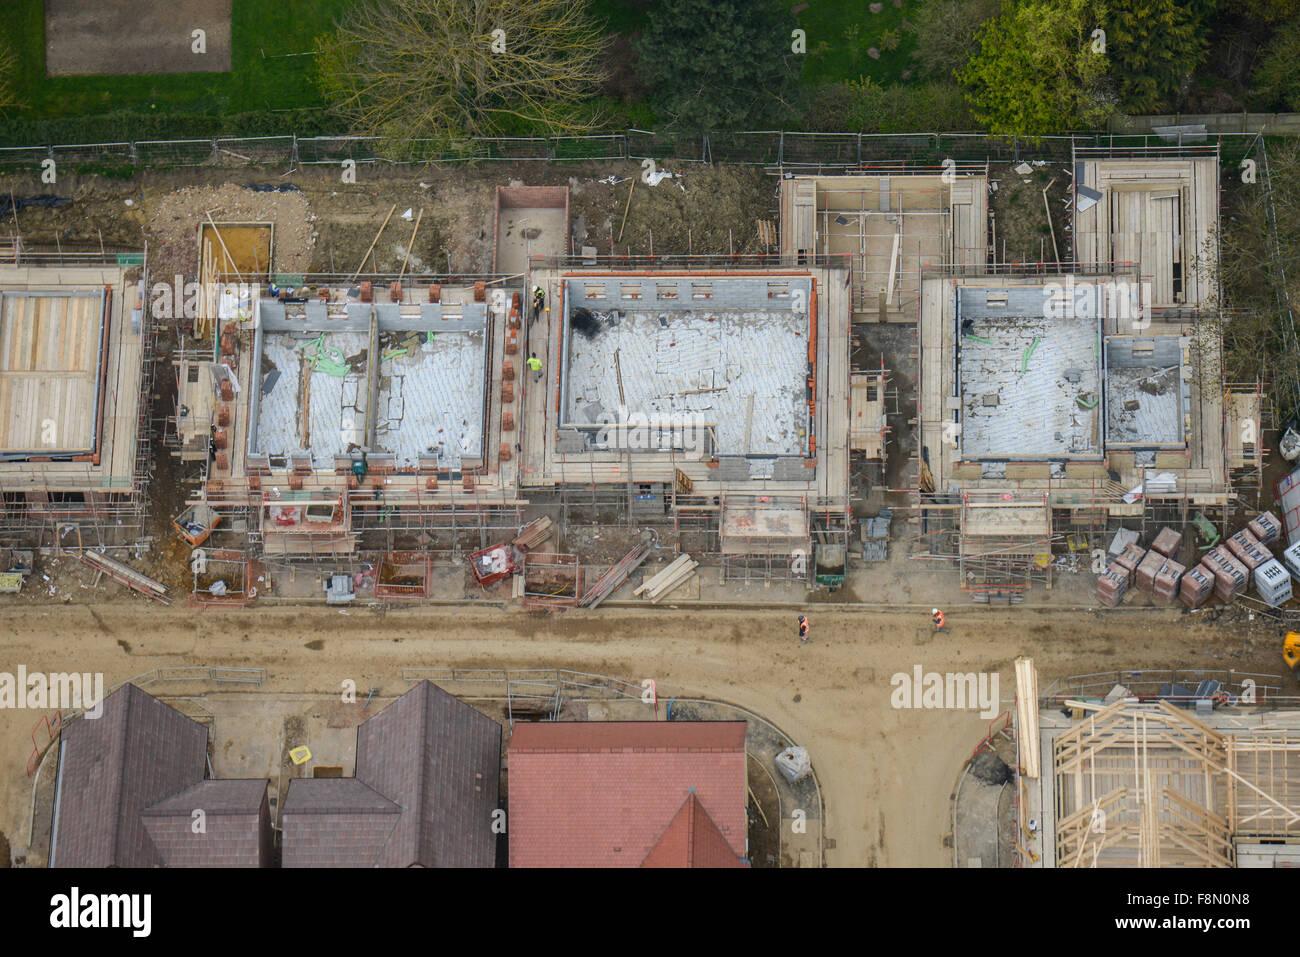 Eine Luftaufnahme von einem Greenfield Haus Neubauprojekt in Northamptonshire Stockbild